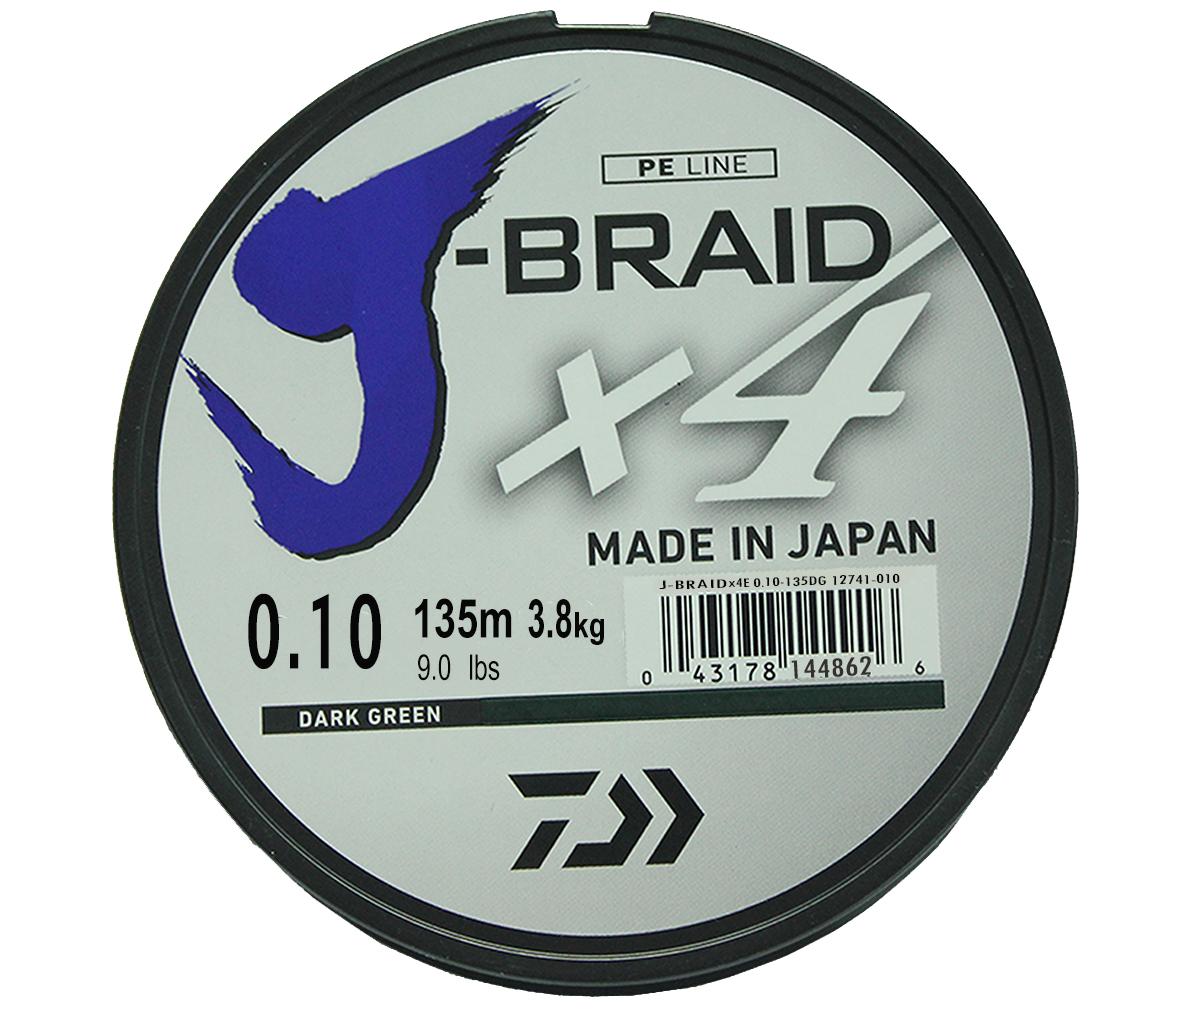 Леска плетеная DAIWA J-Braid X4 0,10мм 135 (зеленая)Леска плетеная<br>Новый 4х жильный шнур J-Braid, DAIWA - шнур высокого <br>класса с удивительным соотношением цены <br>и качества. Качество плетения полностью <br>соответствует японским стандартам и удовлетворяет <br>всем требованиям. Представленные диаметры <br>позволяют использовать шнур для всех техник <br>ловли, начиная от ultra- light ловли окуня, до <br>морской ловли палтуса, трески и т.д.<br>